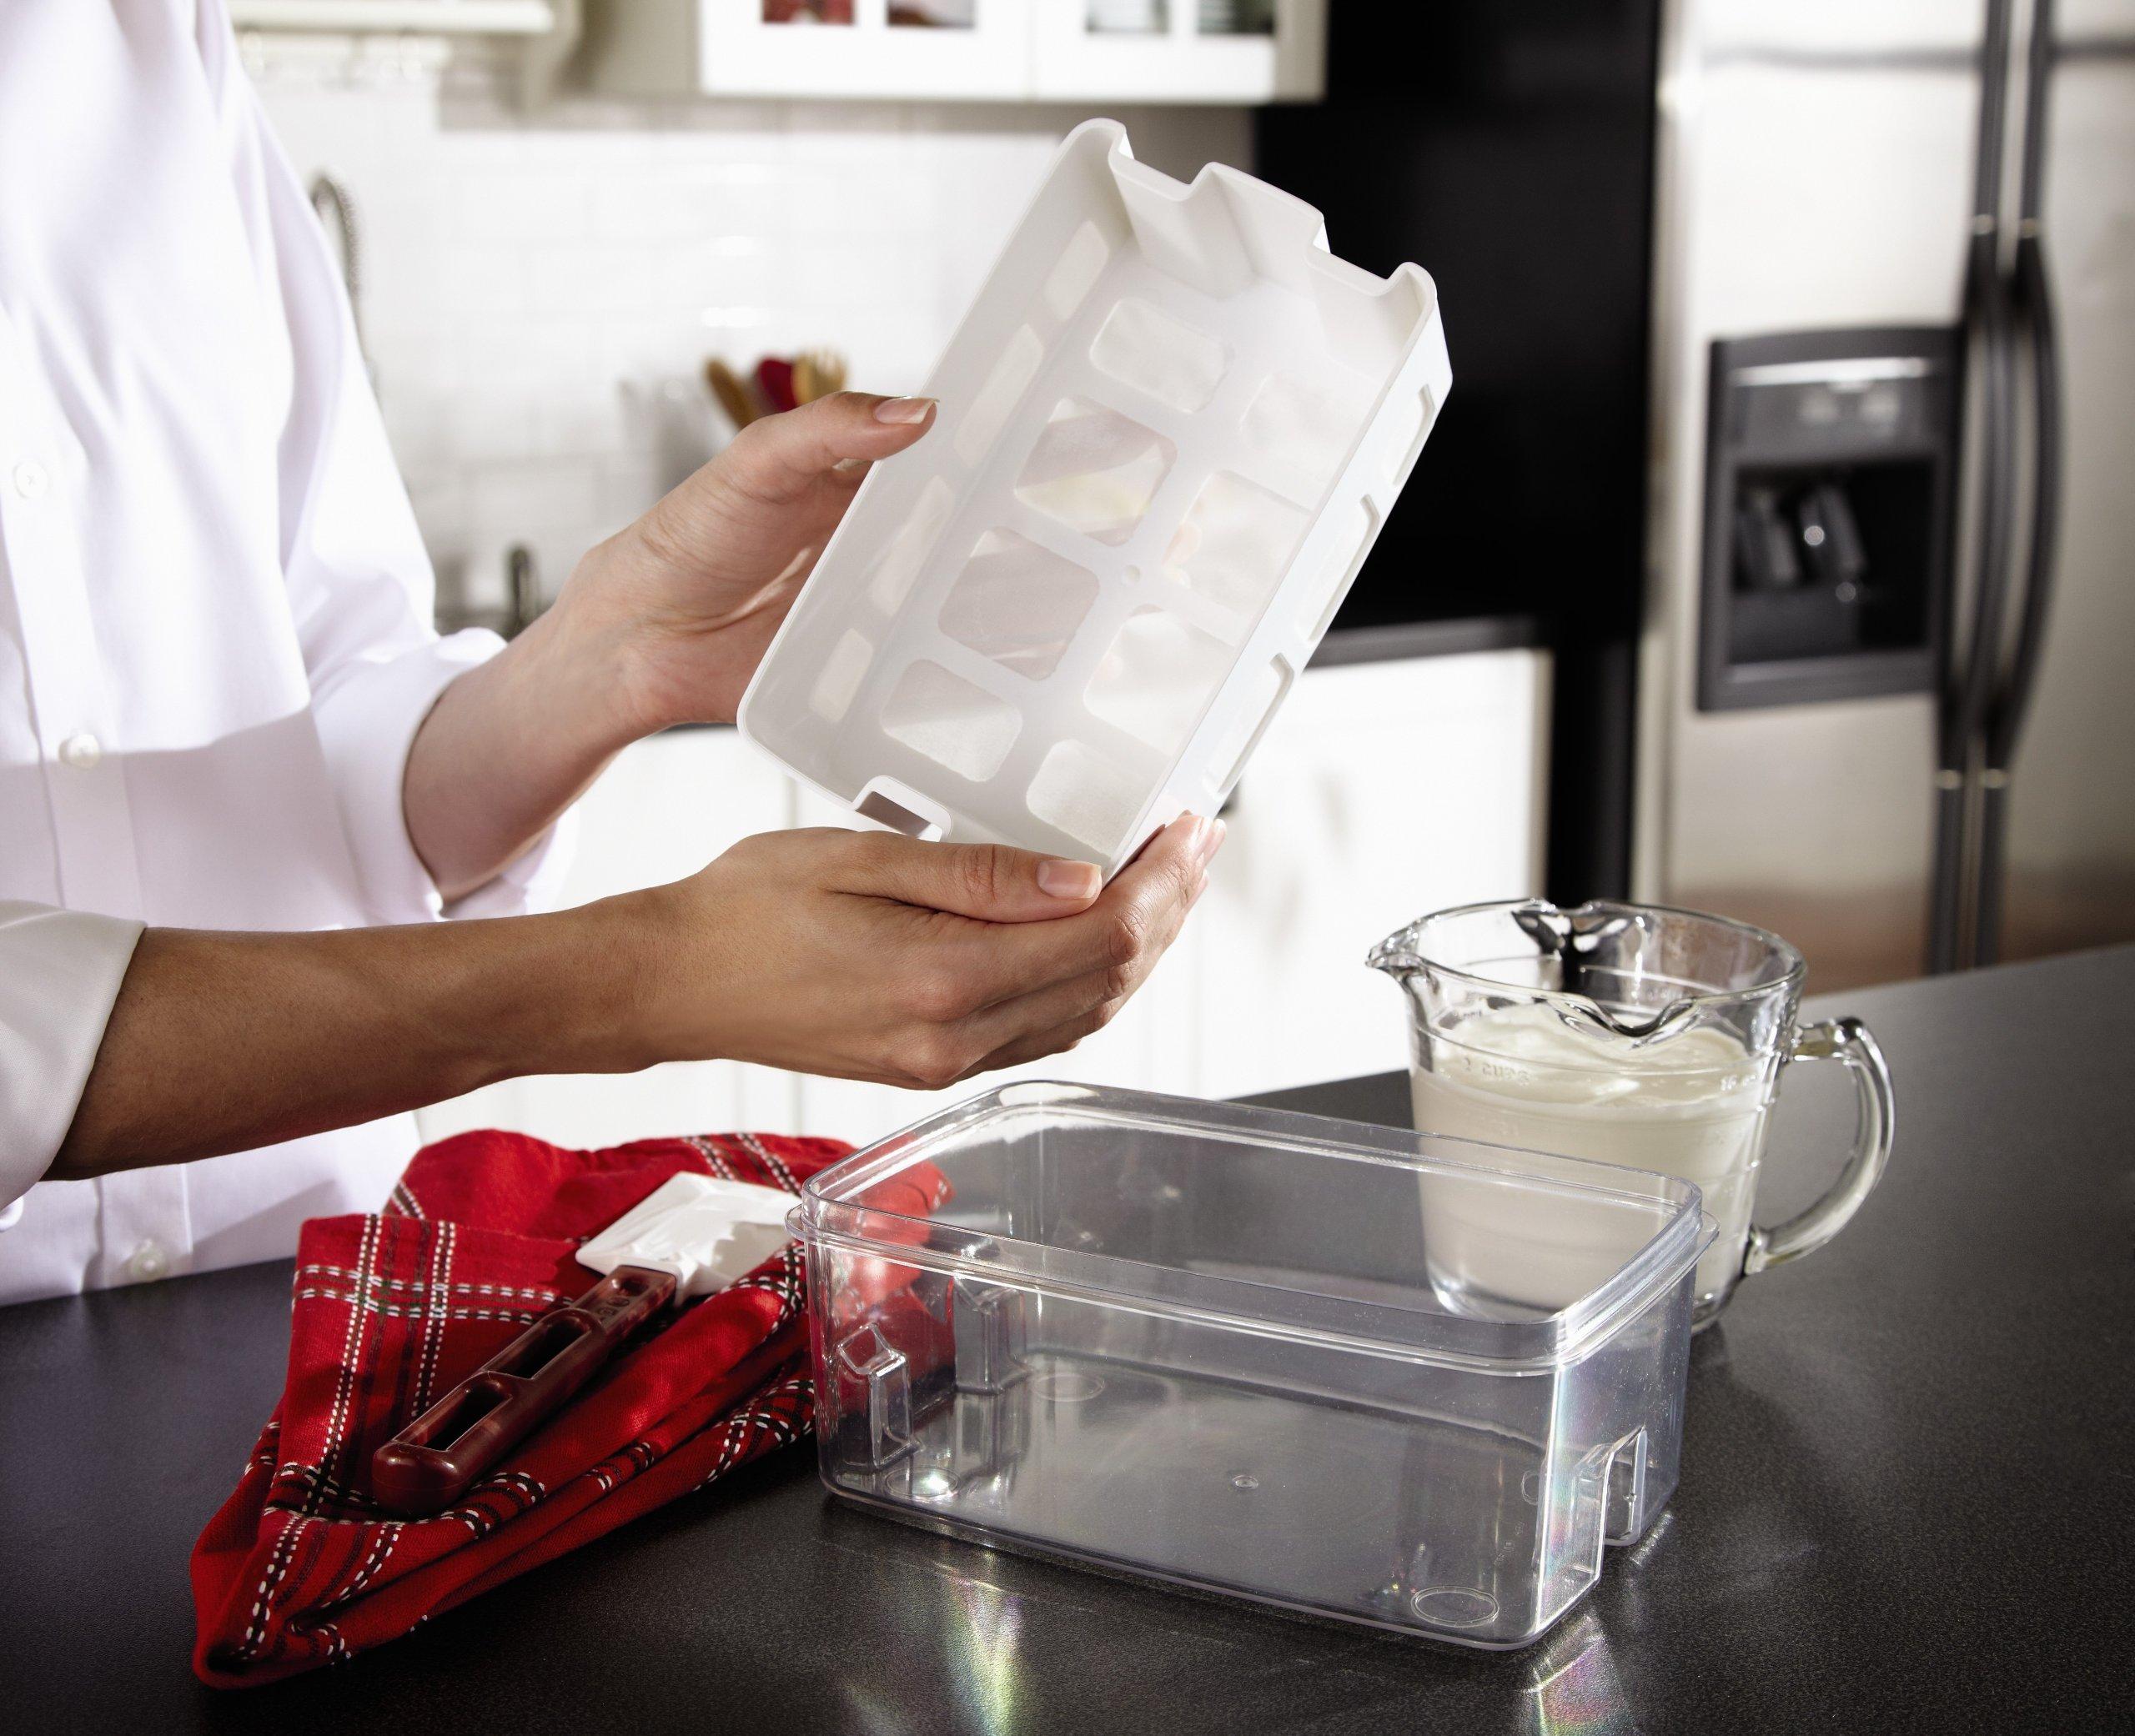 Oster CKSTYM1010 Mykonos Greek Manual Yogurt Maker 2 Quart